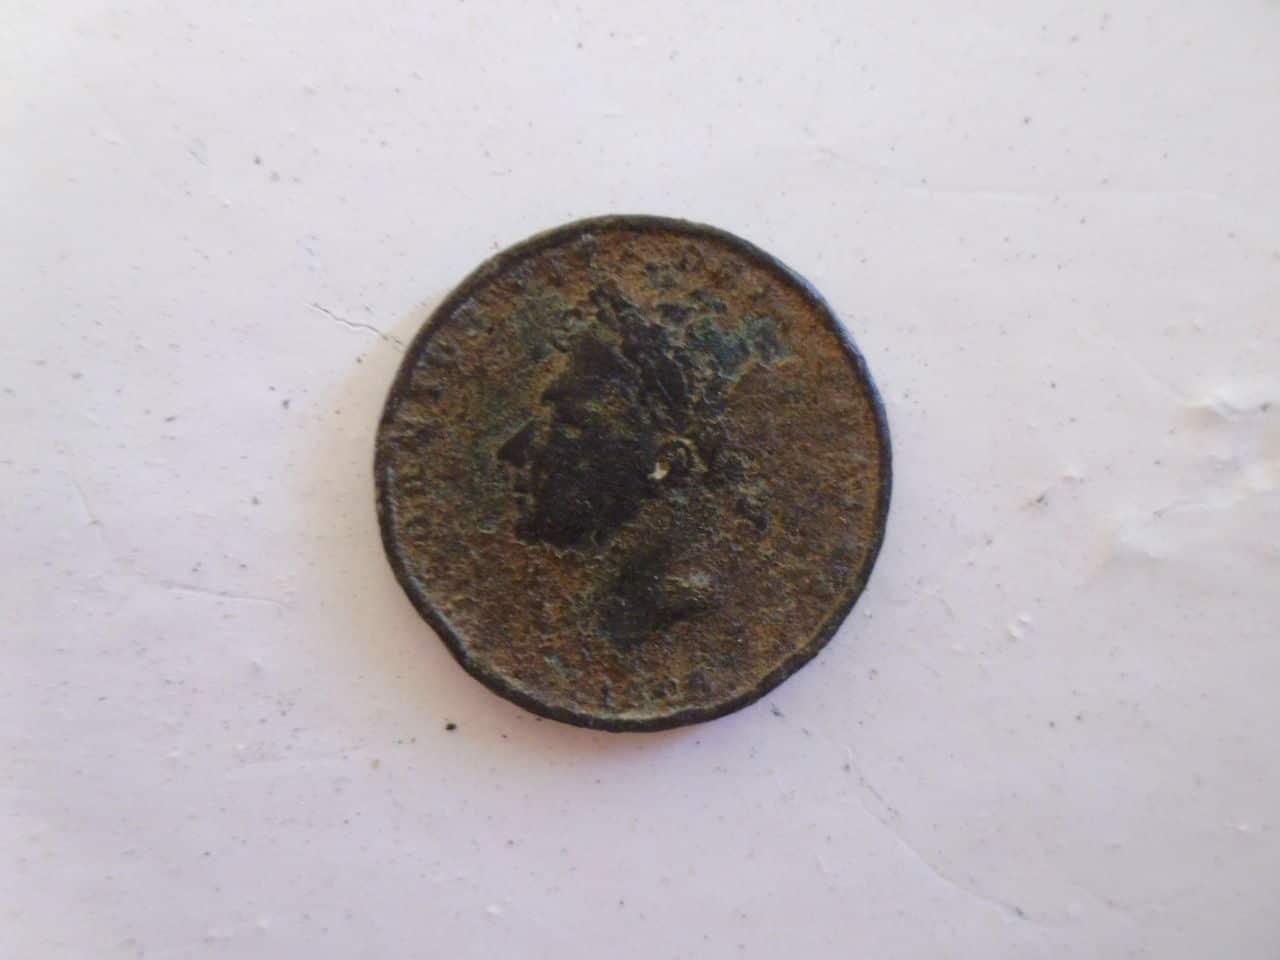 1 Farthing (1/4 Penny). Reino Unido. 1826 P1110684